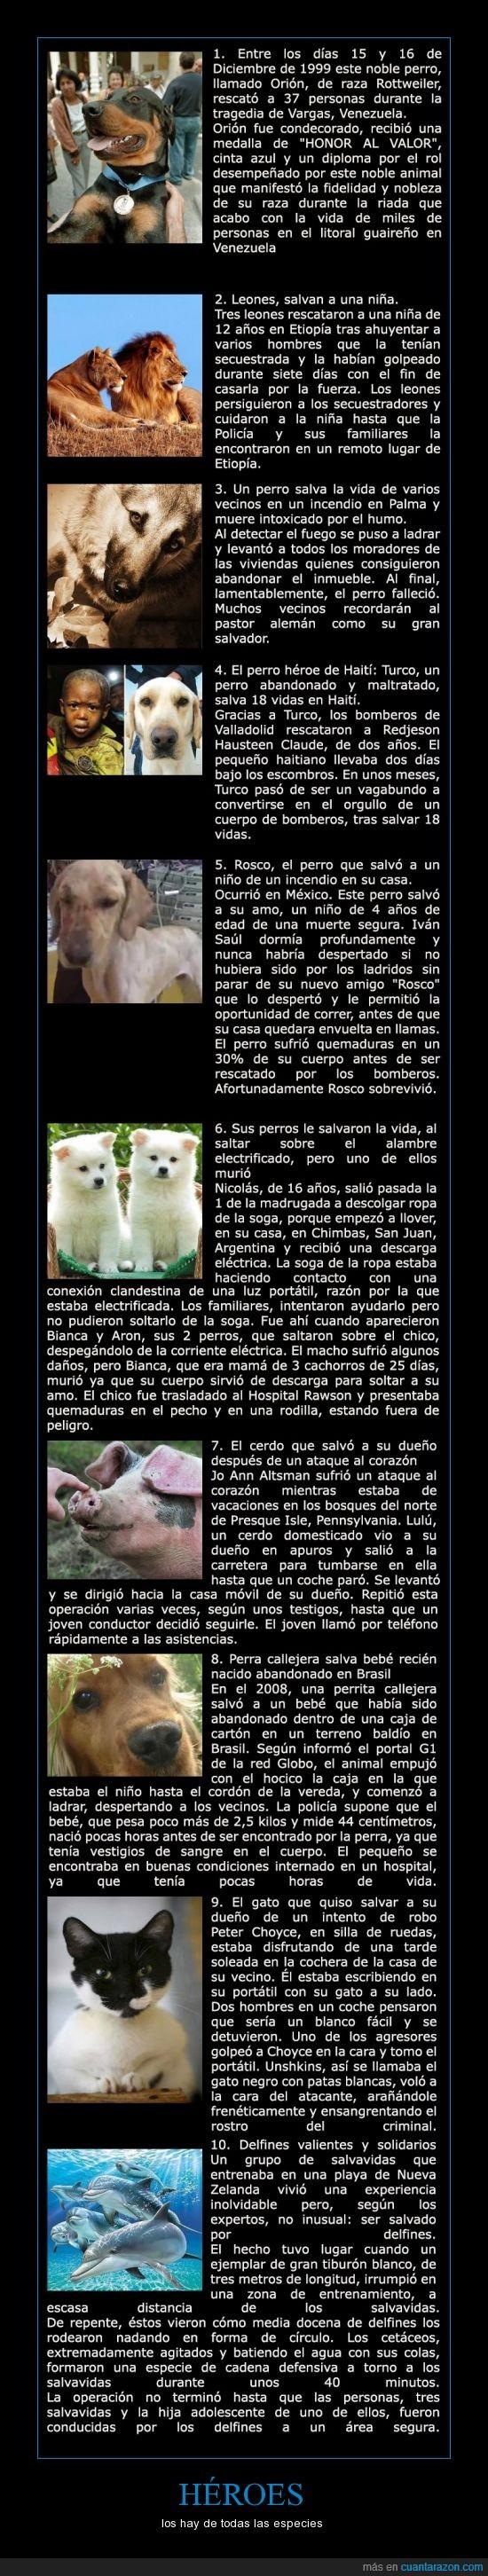 cerdo,delfin,gato,heroes,las lista continúa,perro,revisar la fuente,salvar vidas